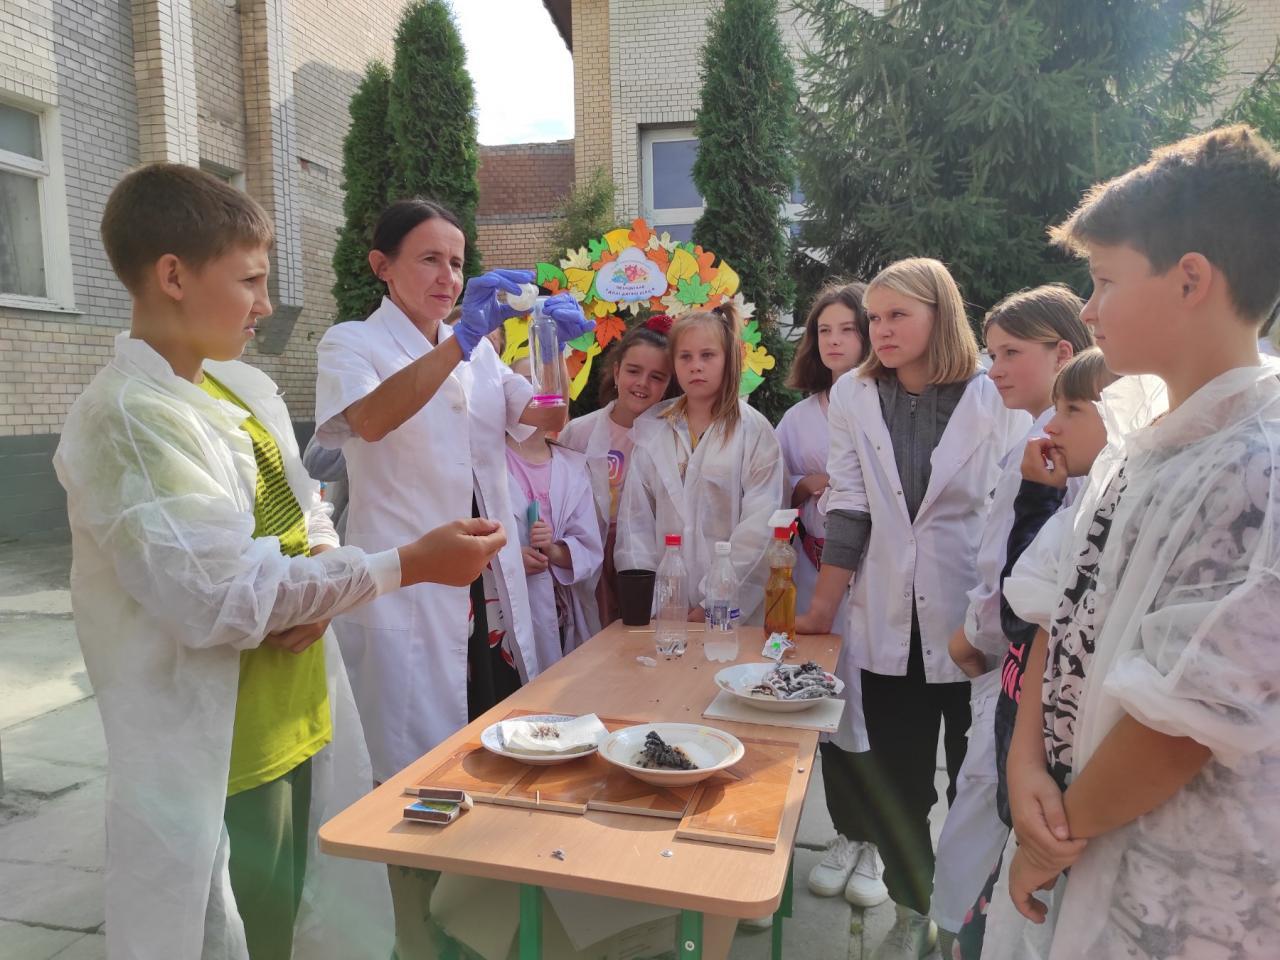 http://dunrada.gov.ua/uploadfile/archive_news/2021/09/16/2021-09-16_2545/images/images-47651.jpg